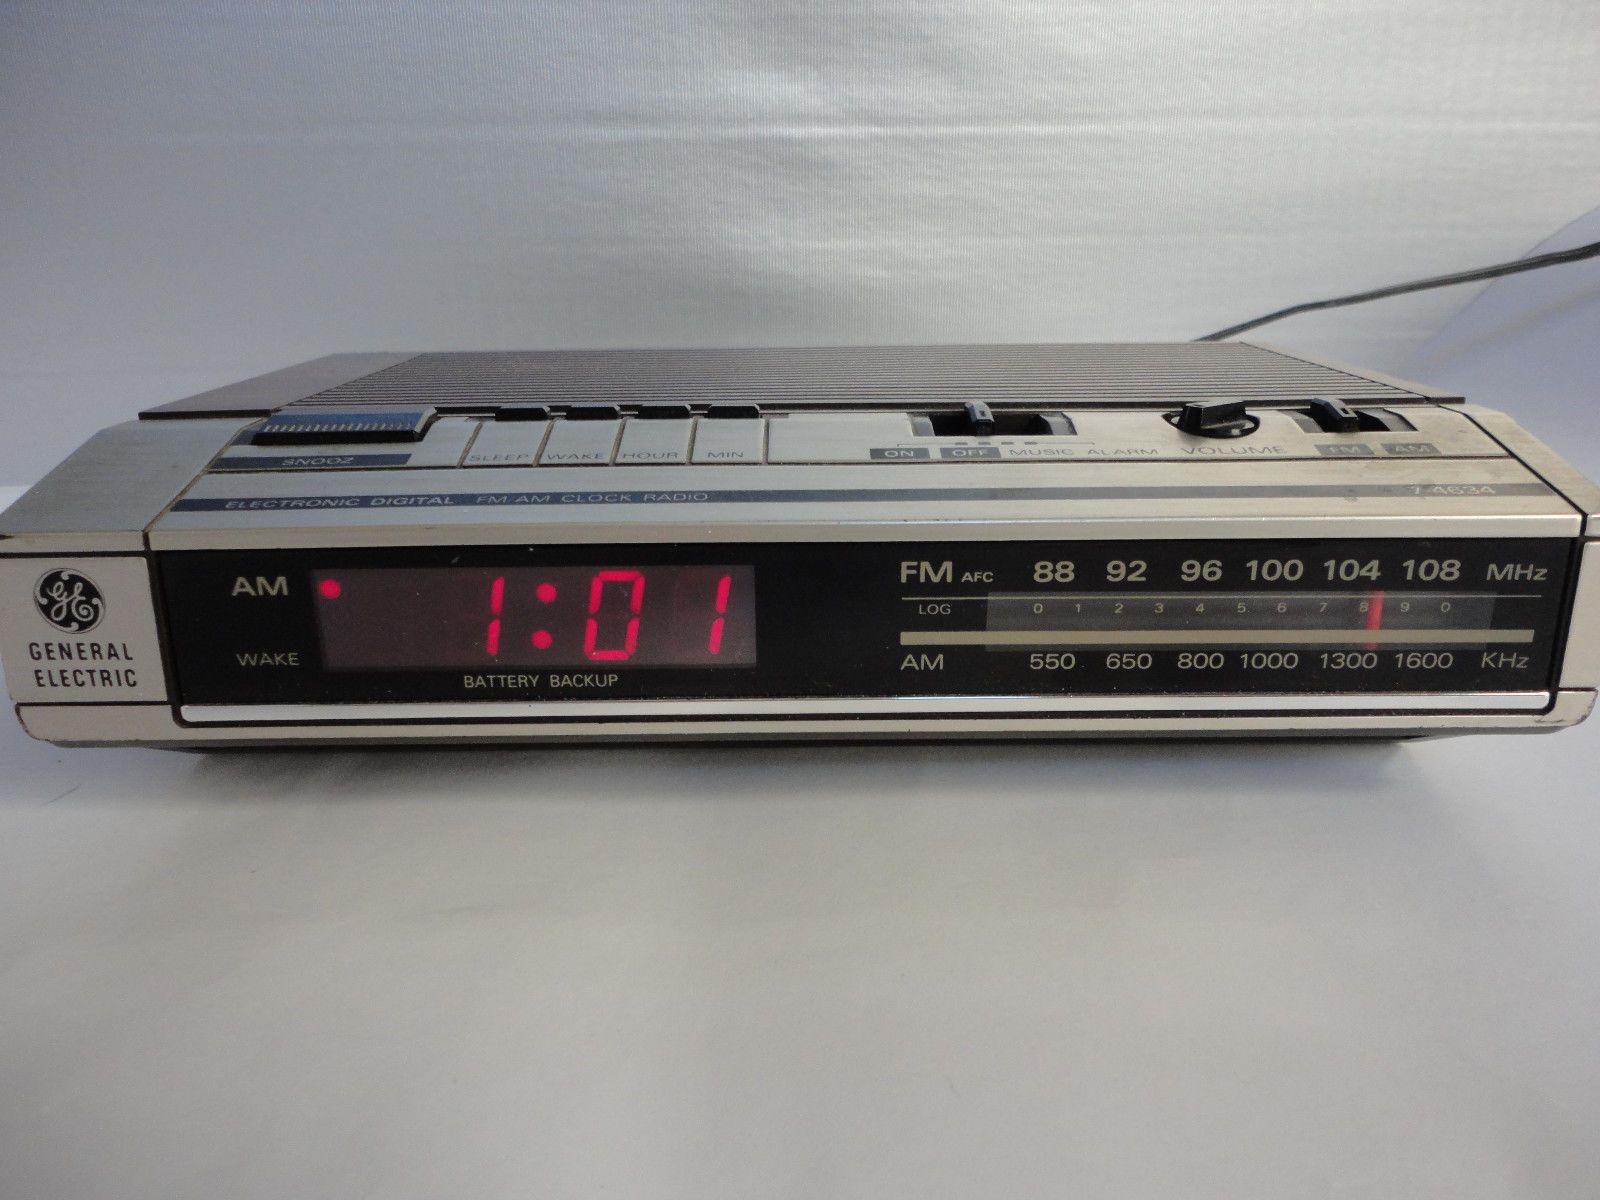 Vintage GE General Electric Digital Alarm Clock Radio